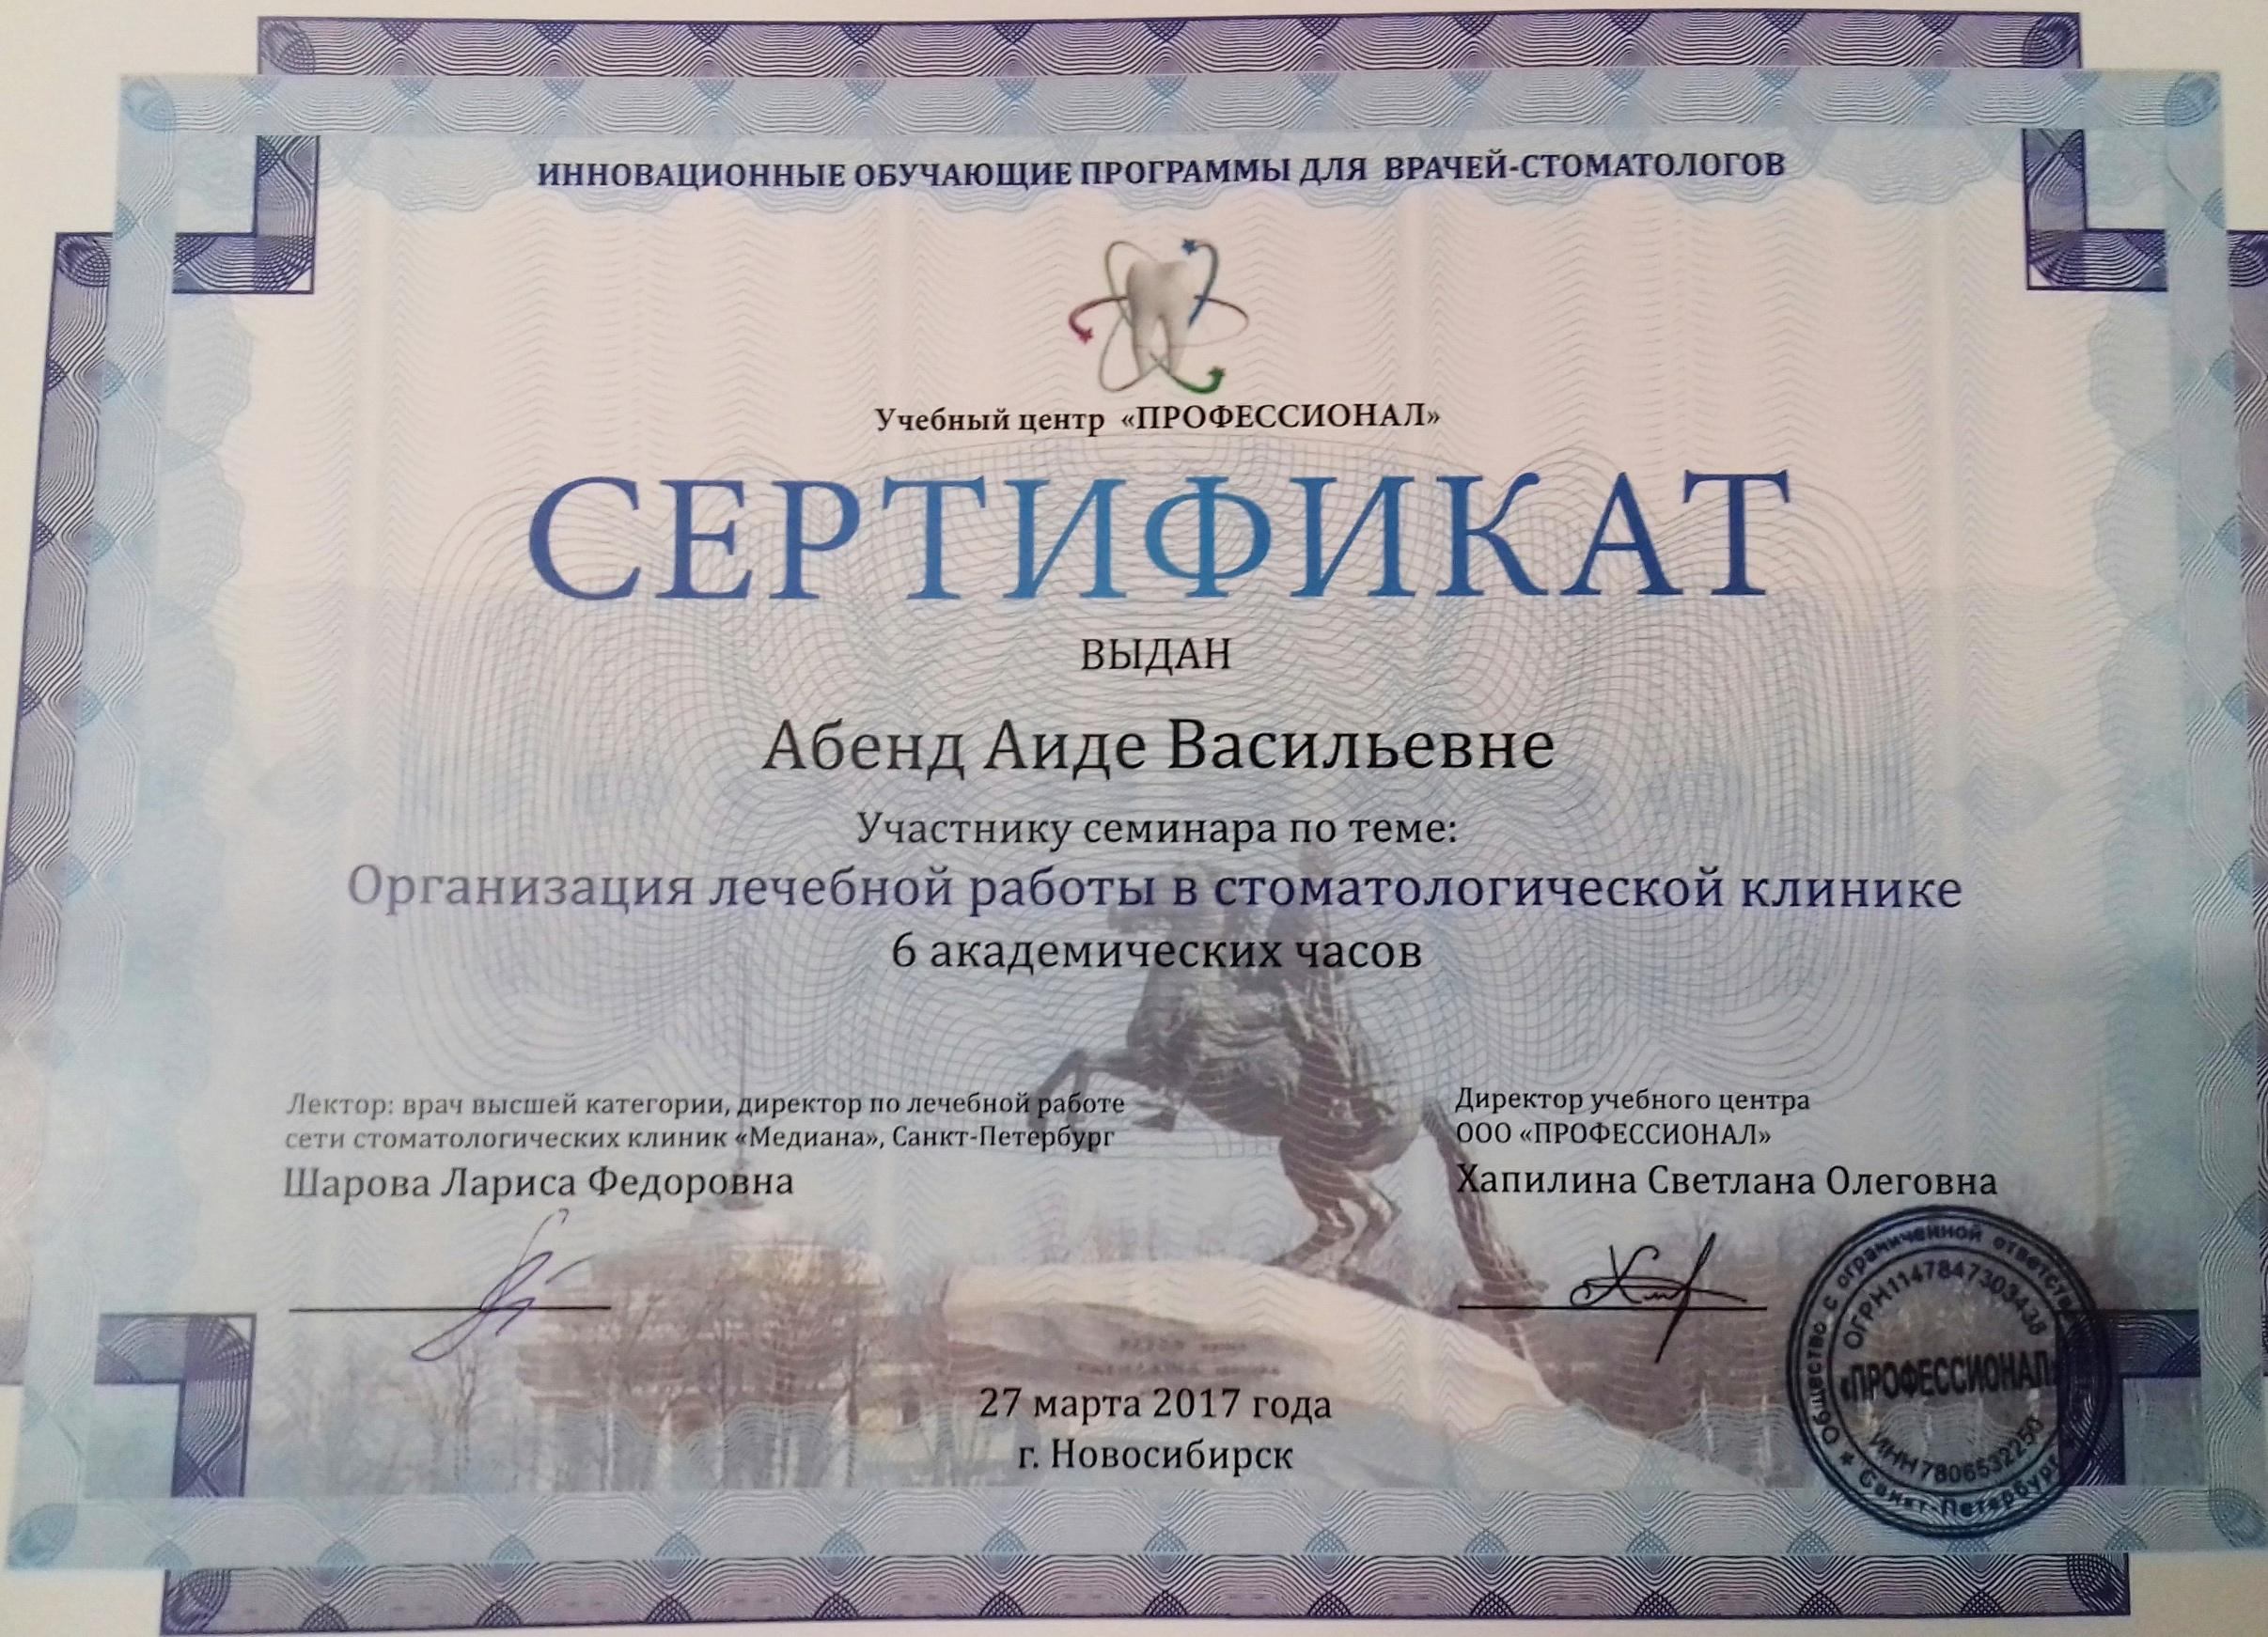 Семинар Шаровой Л.Ф. в Новосибирске «Организация лечебной работы в стоматологической клинике»